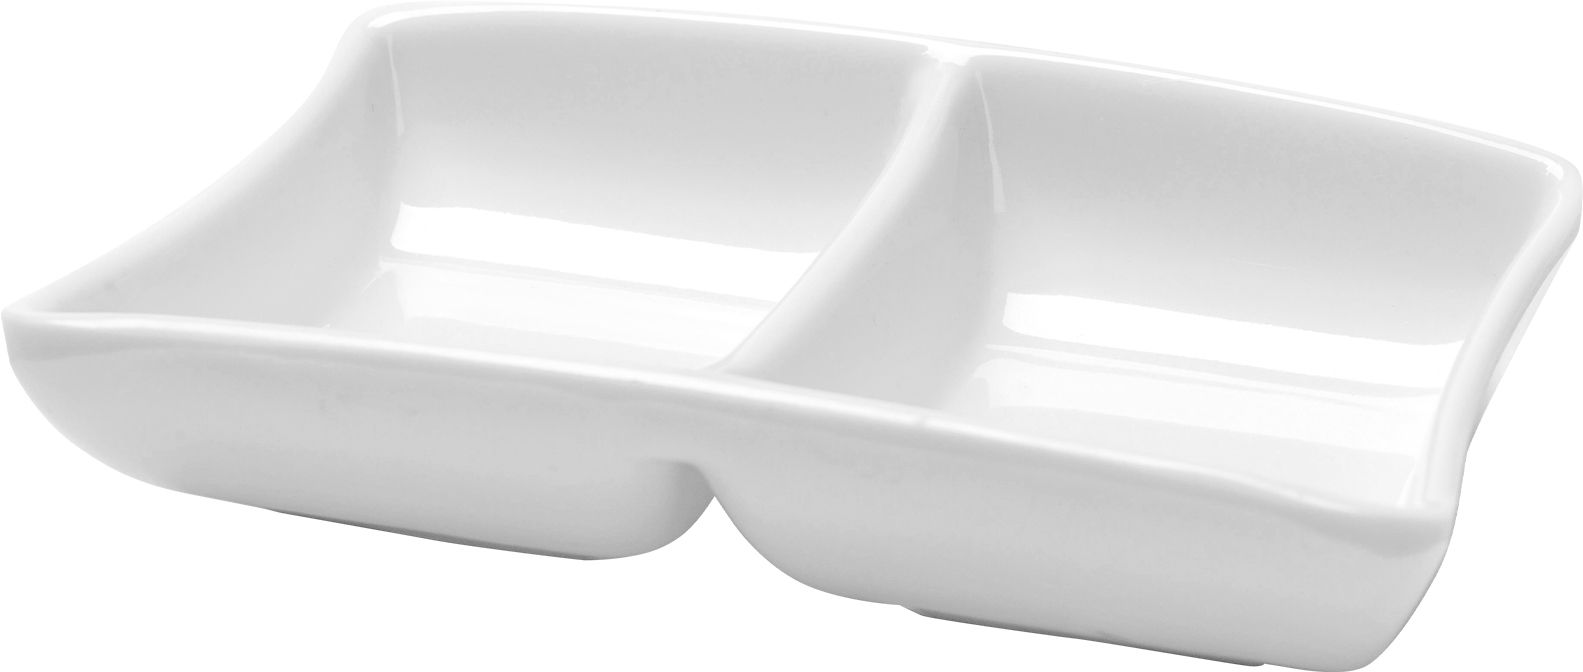 Tigela Dupla Belisco P/ Molho Em Melamina 120Ml 12,5Cm - Branco Marfim - Oxford